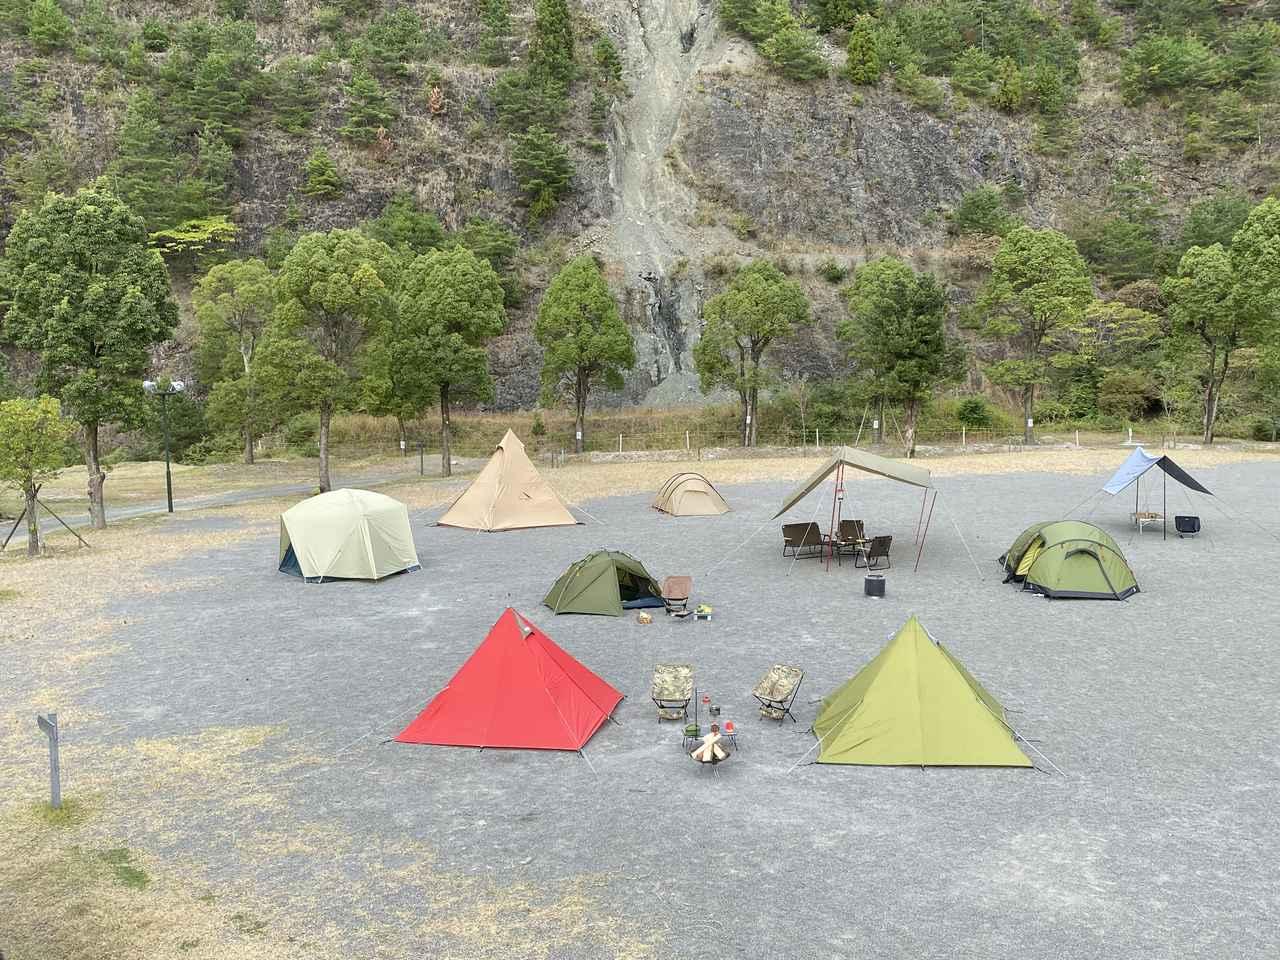 画像: 青川峡キャンピングパーク提供 かもしかキャンプフィールド(フリーサイト)